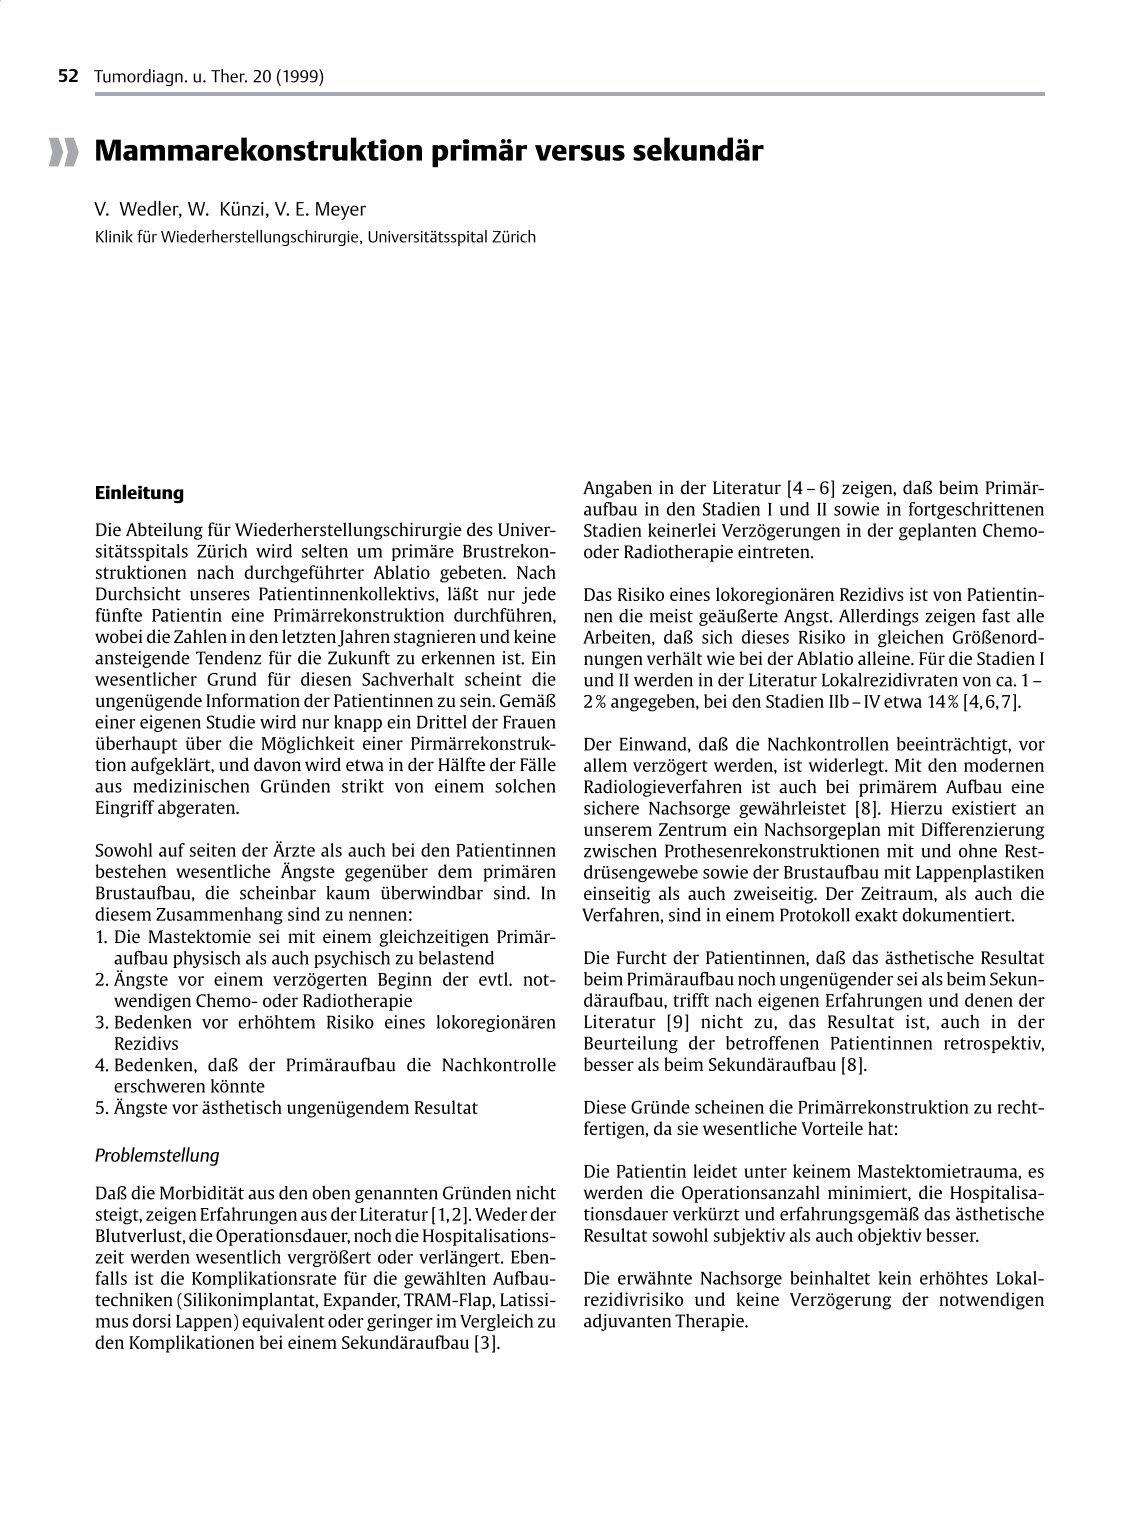 Niedlich Grad In Der Radiologie Bilder - Physiologie Von ...